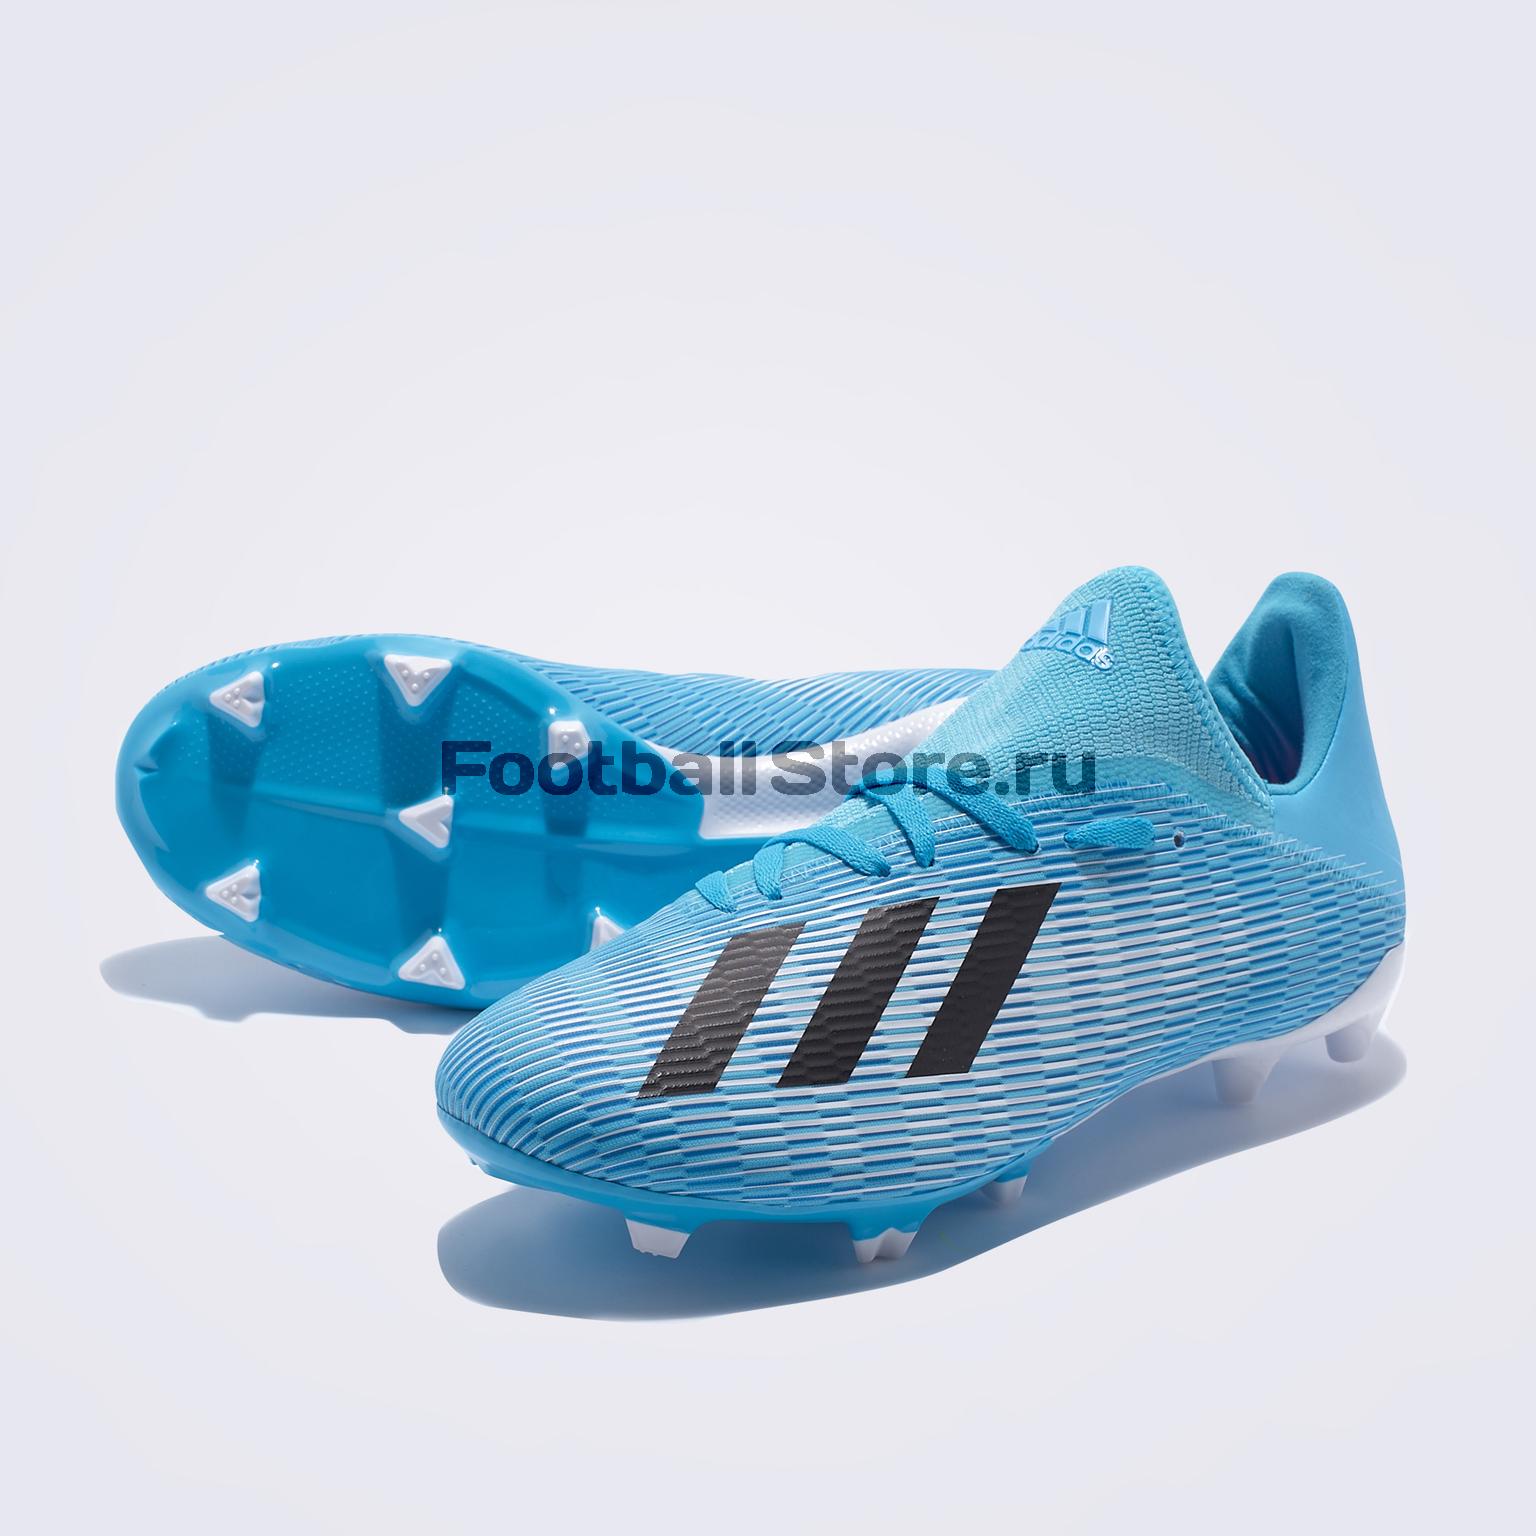 Бутсы Adidas X 19.3 FG F35383